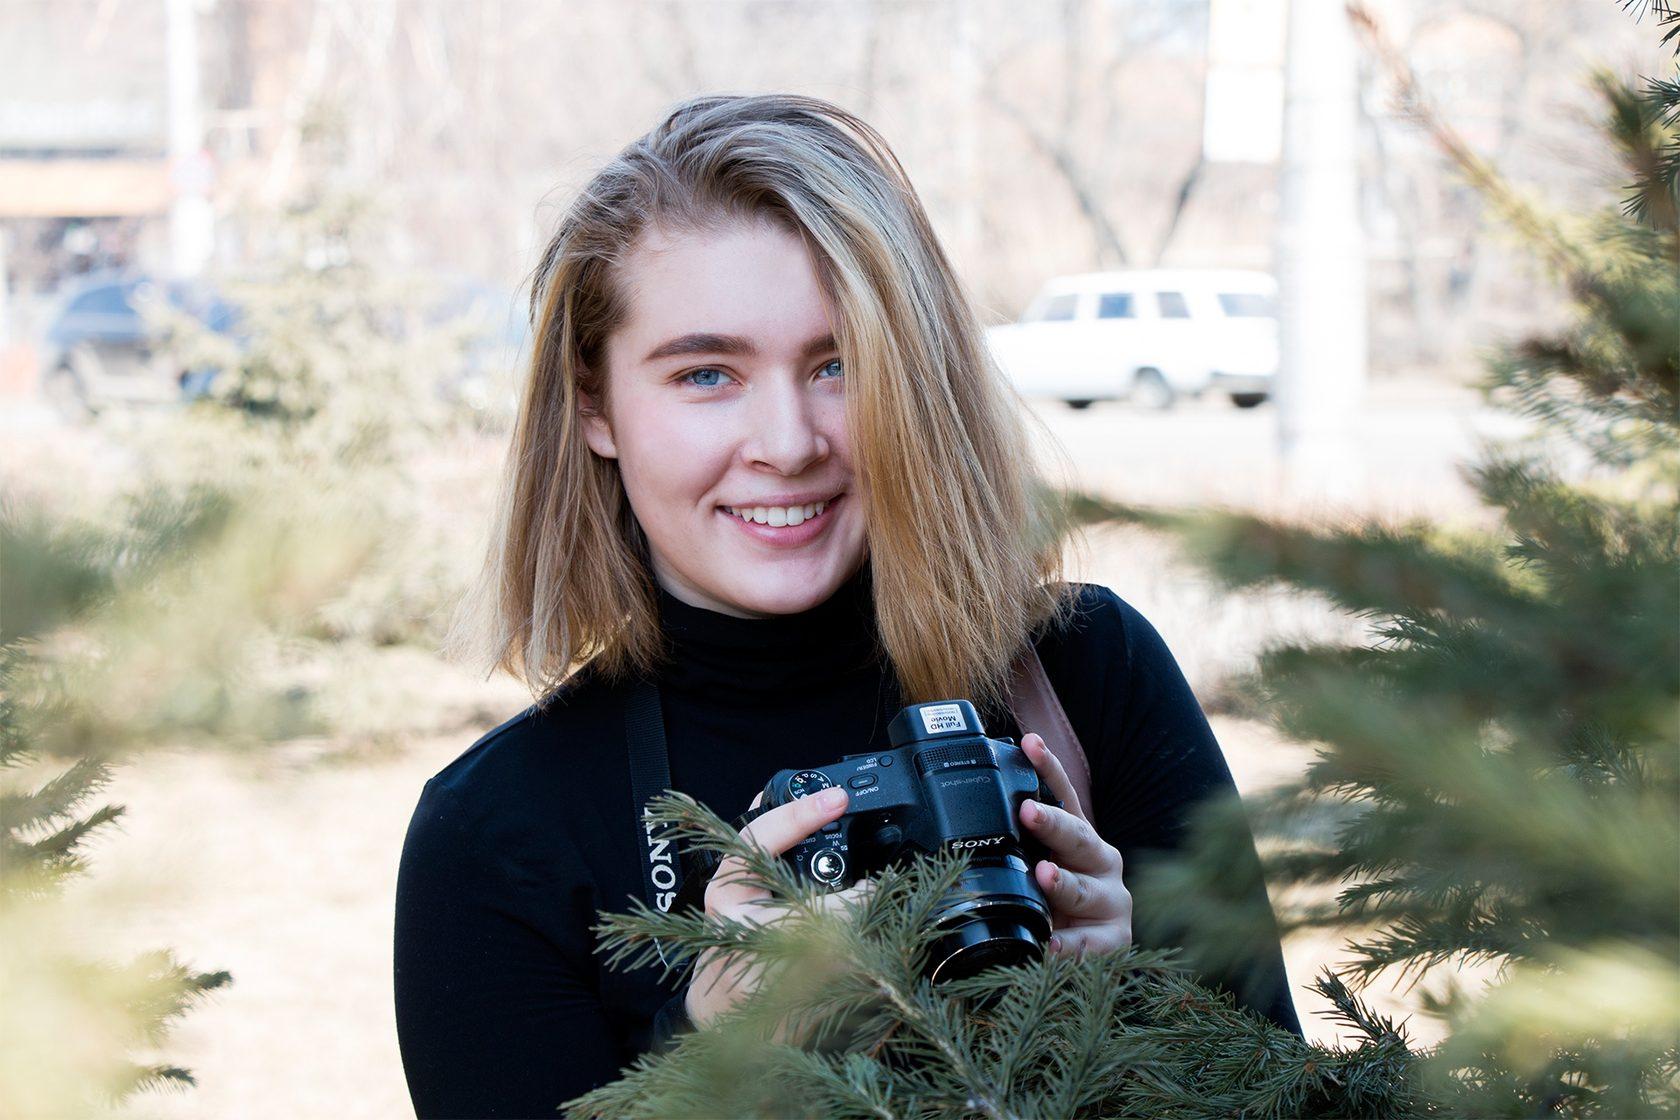 Фотокурсы для начинающих фотографов в сургуте что тему